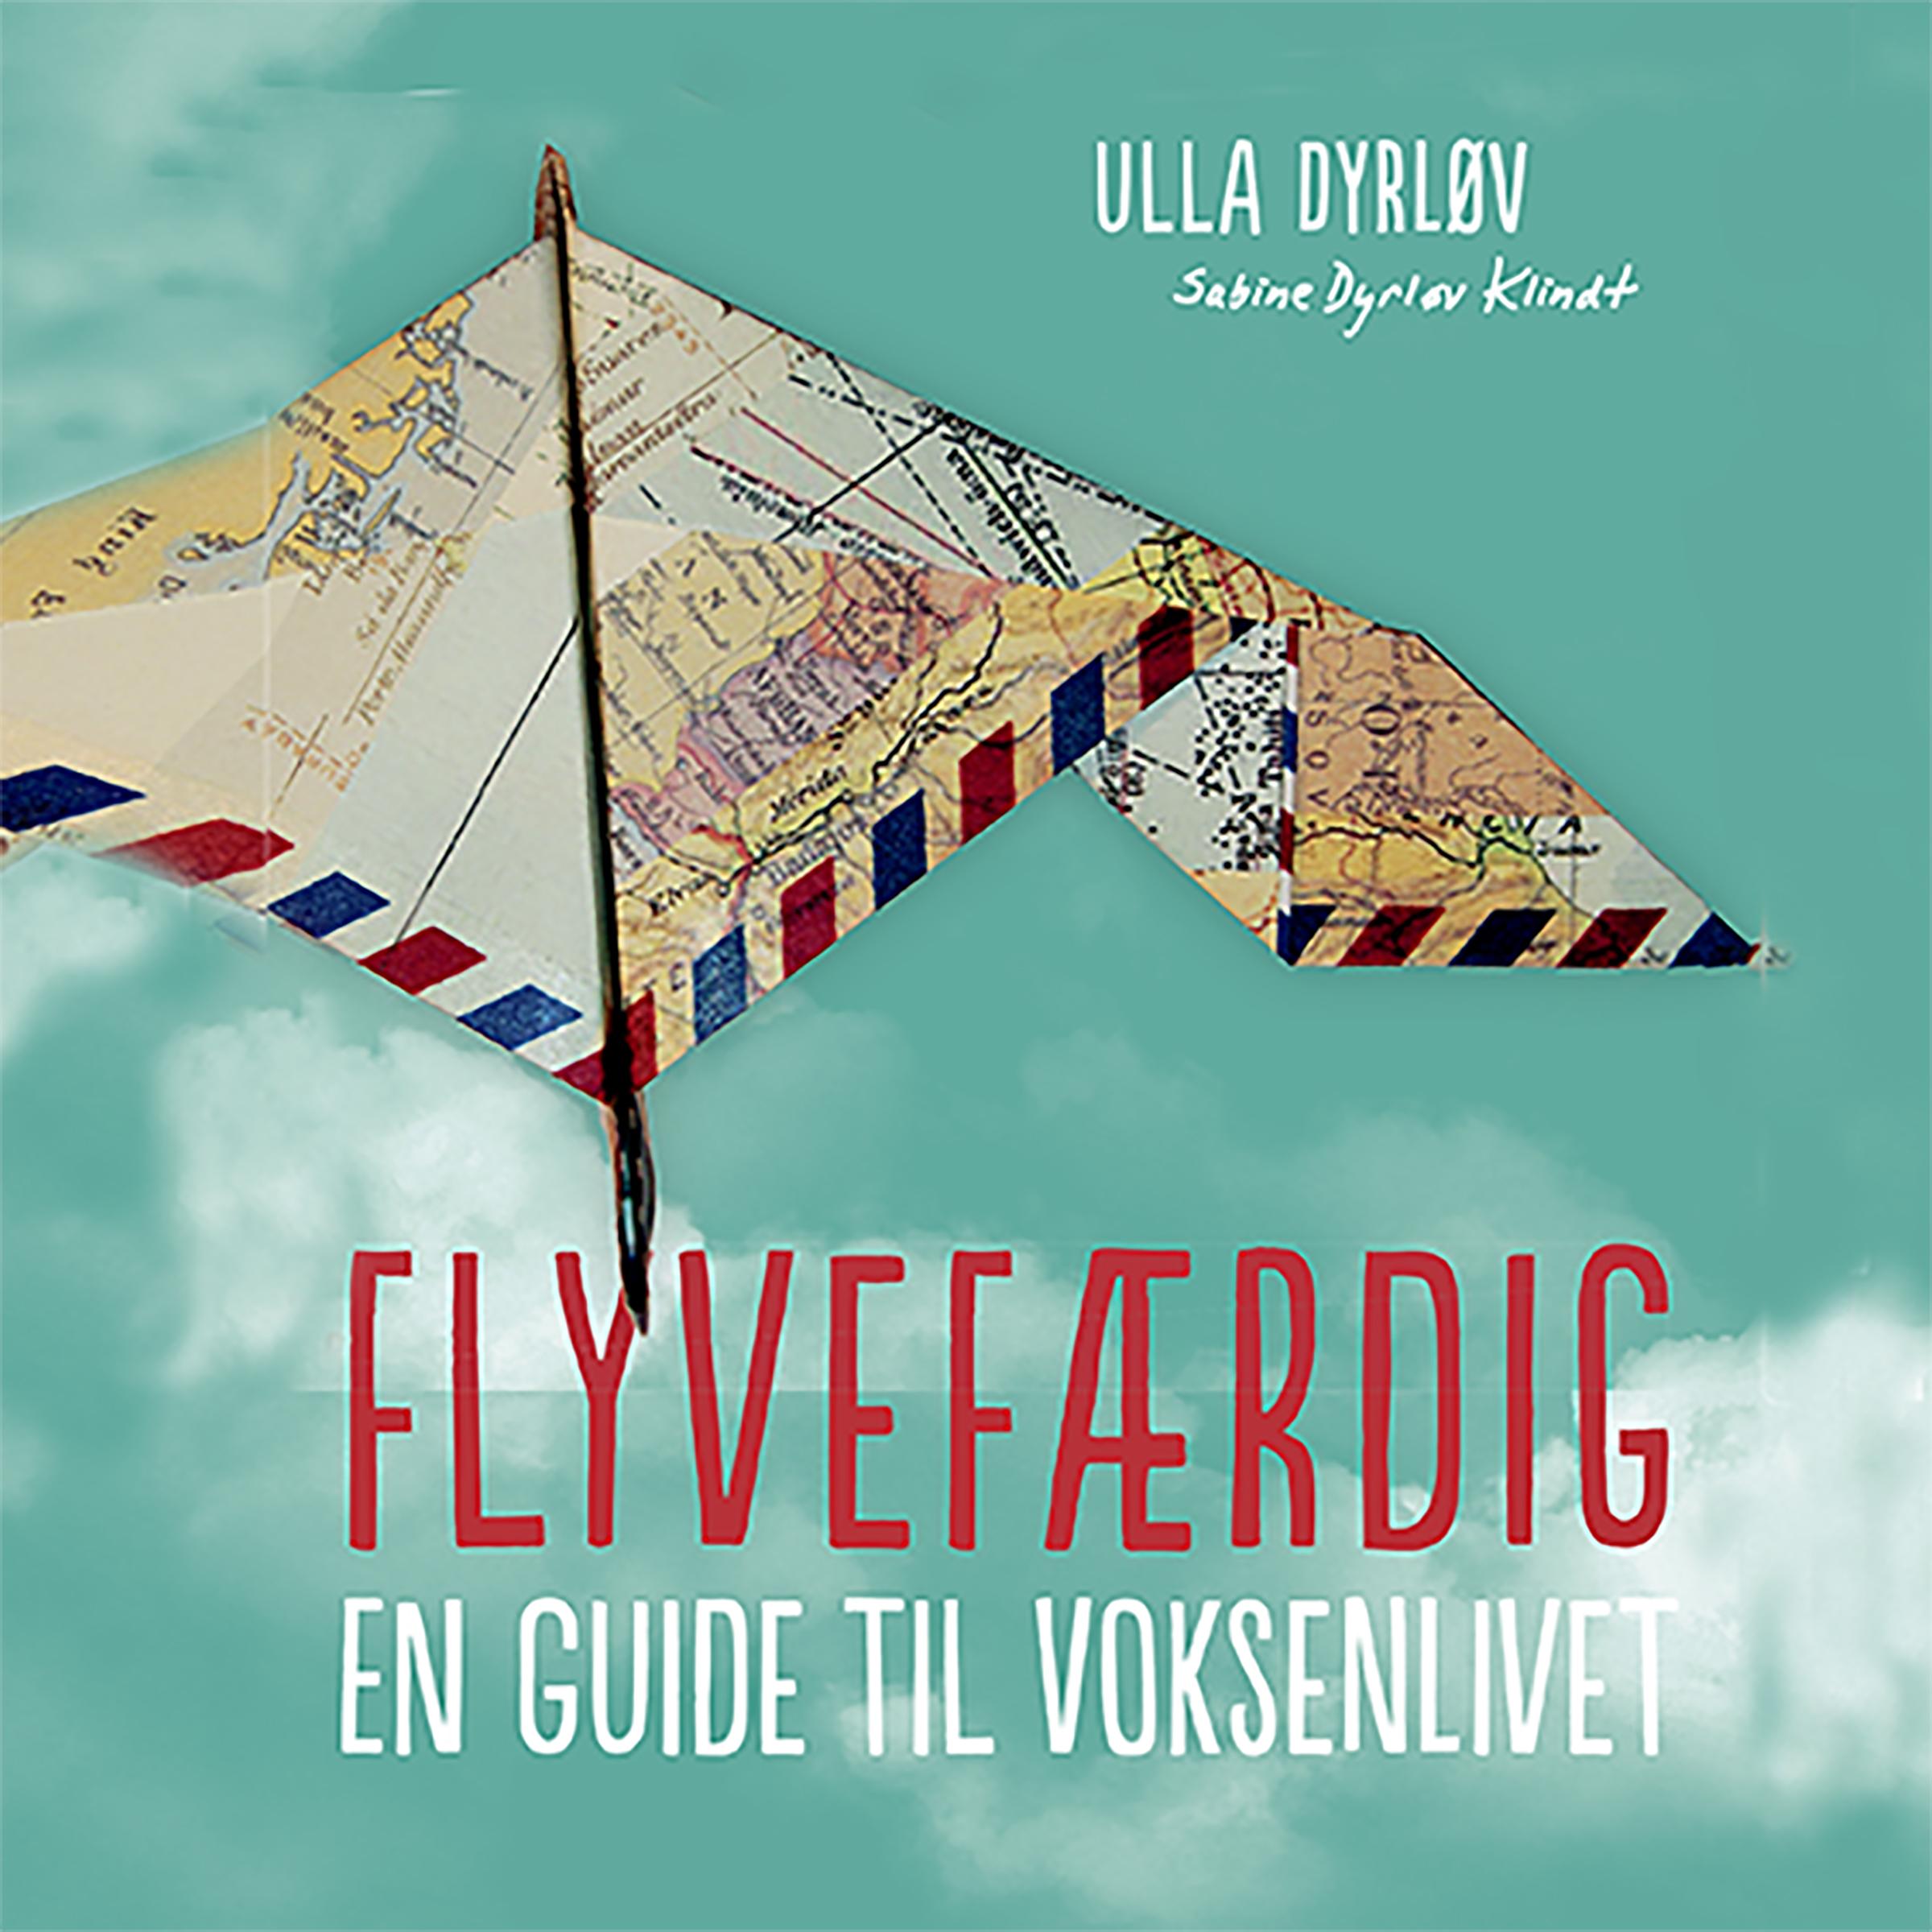 Flyvefærdig. En guide til voksenlivet - E-lydbog